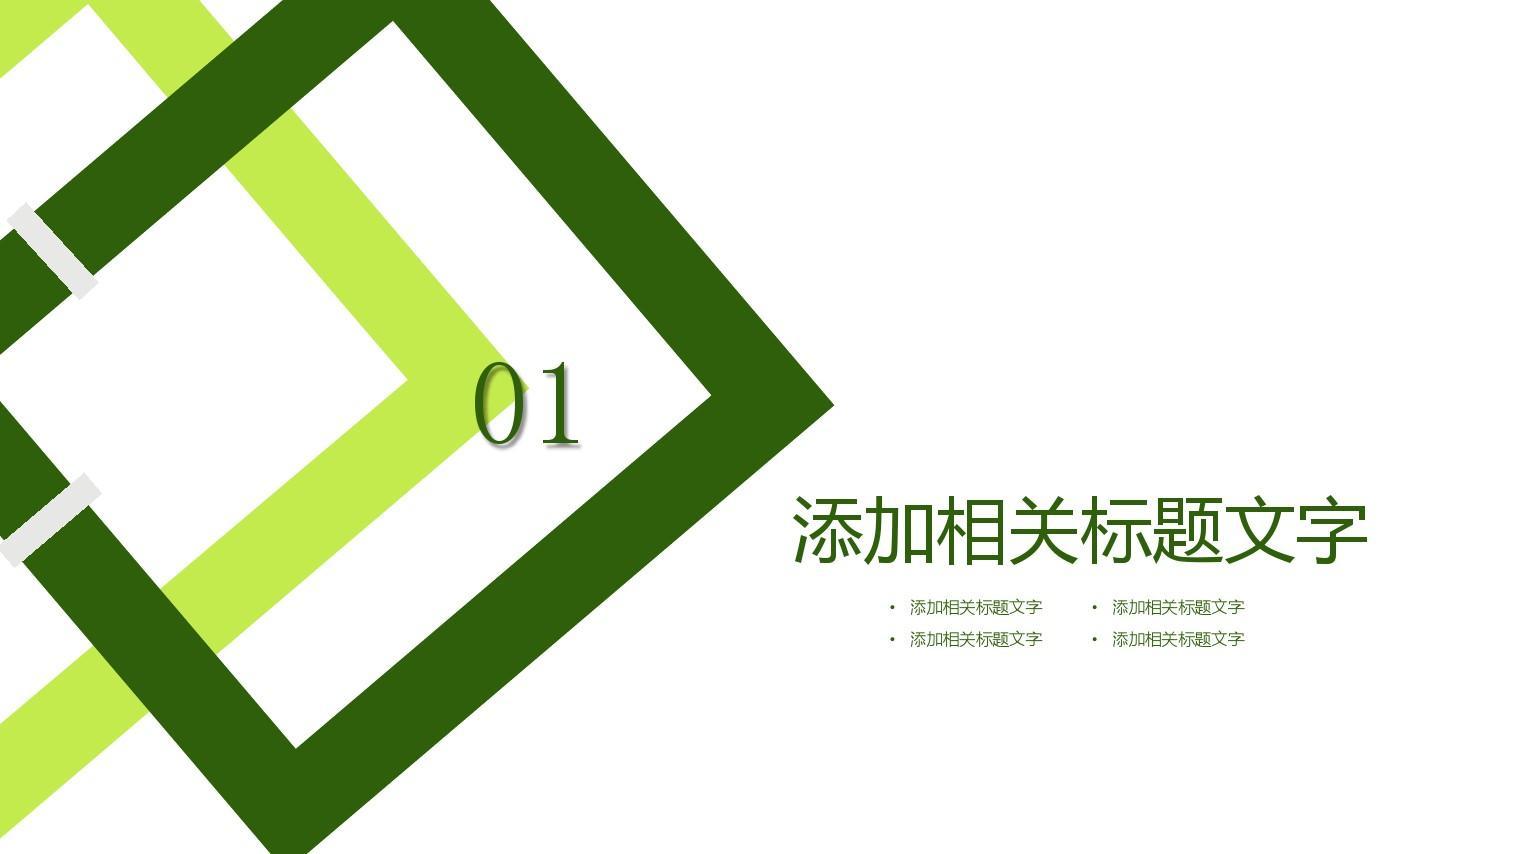 【精选】绿色几何图形教学课程v绿色年级说课ppt【ppt舞蹈】七教师跳的模板视频教学视频下载图片